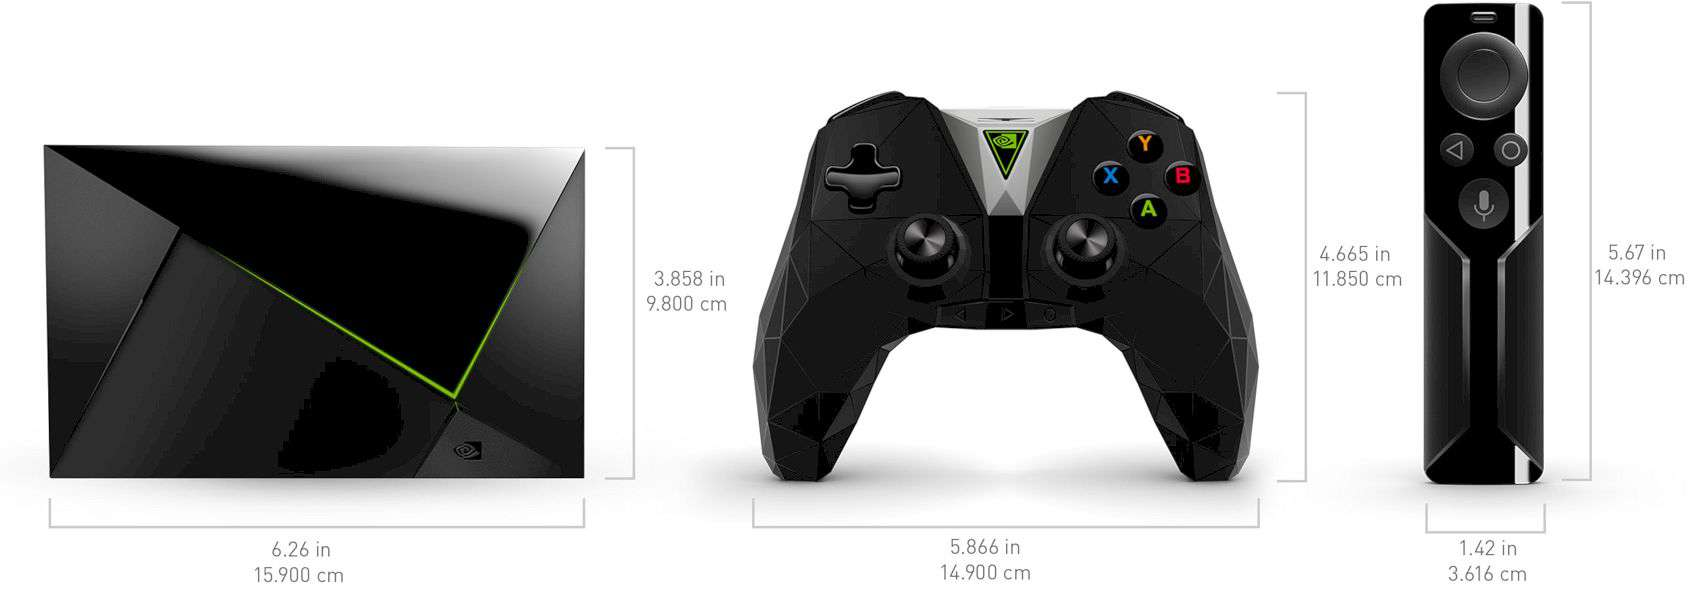 Nvidia Shield Tv 3